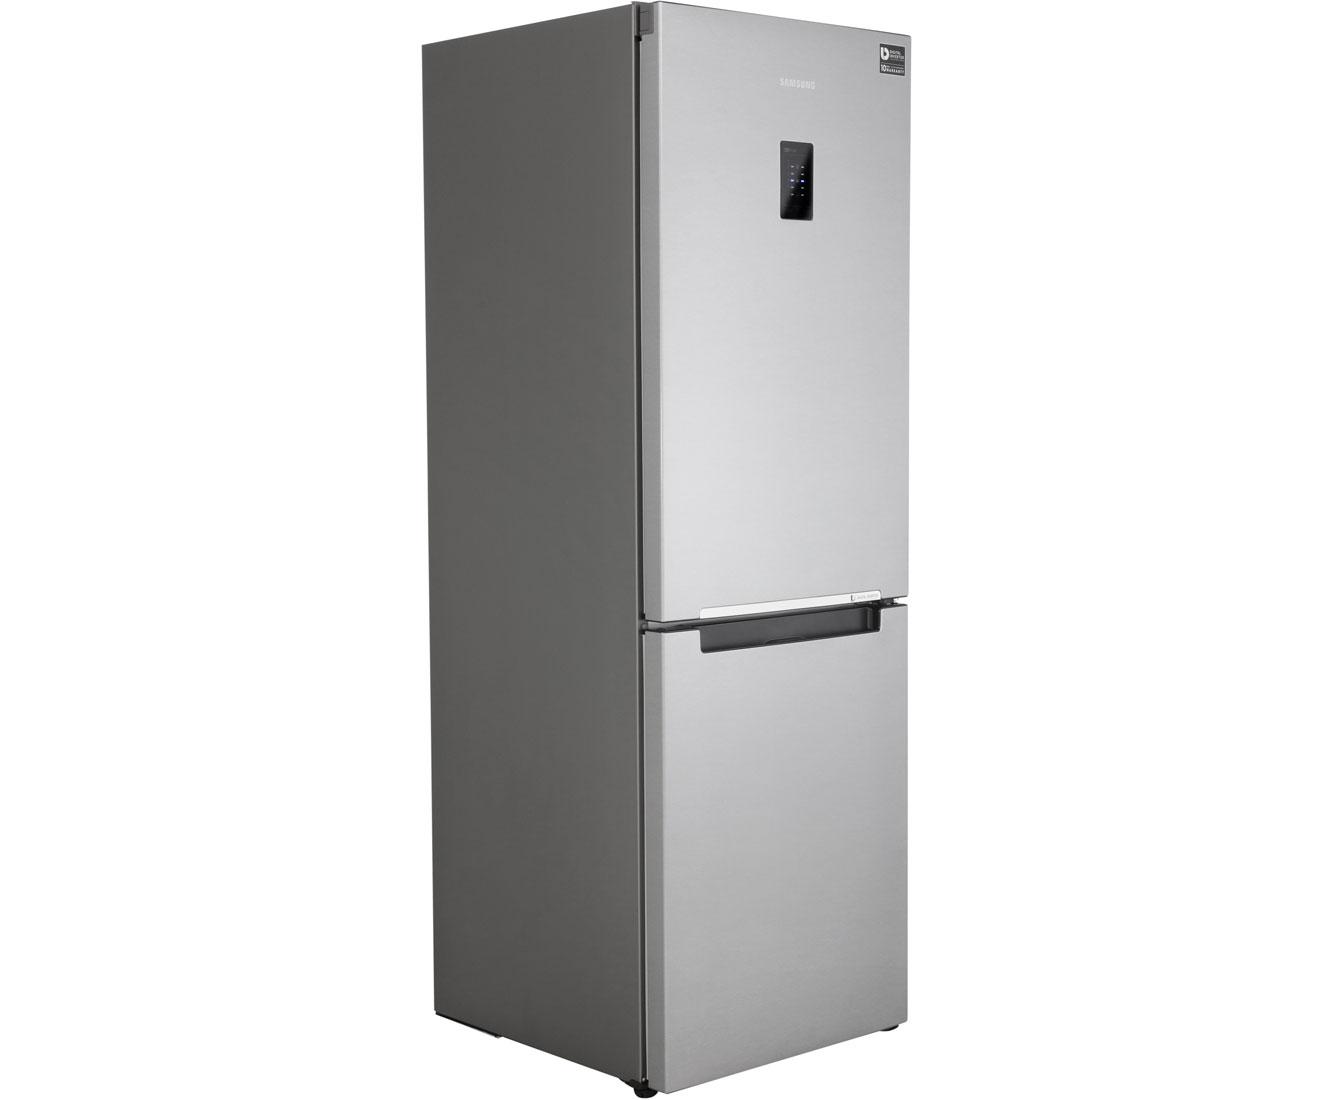 Bomann Kühlschrank Edeka : Küche und esszimmer » küchenelektrogeräte online kaufen möbel